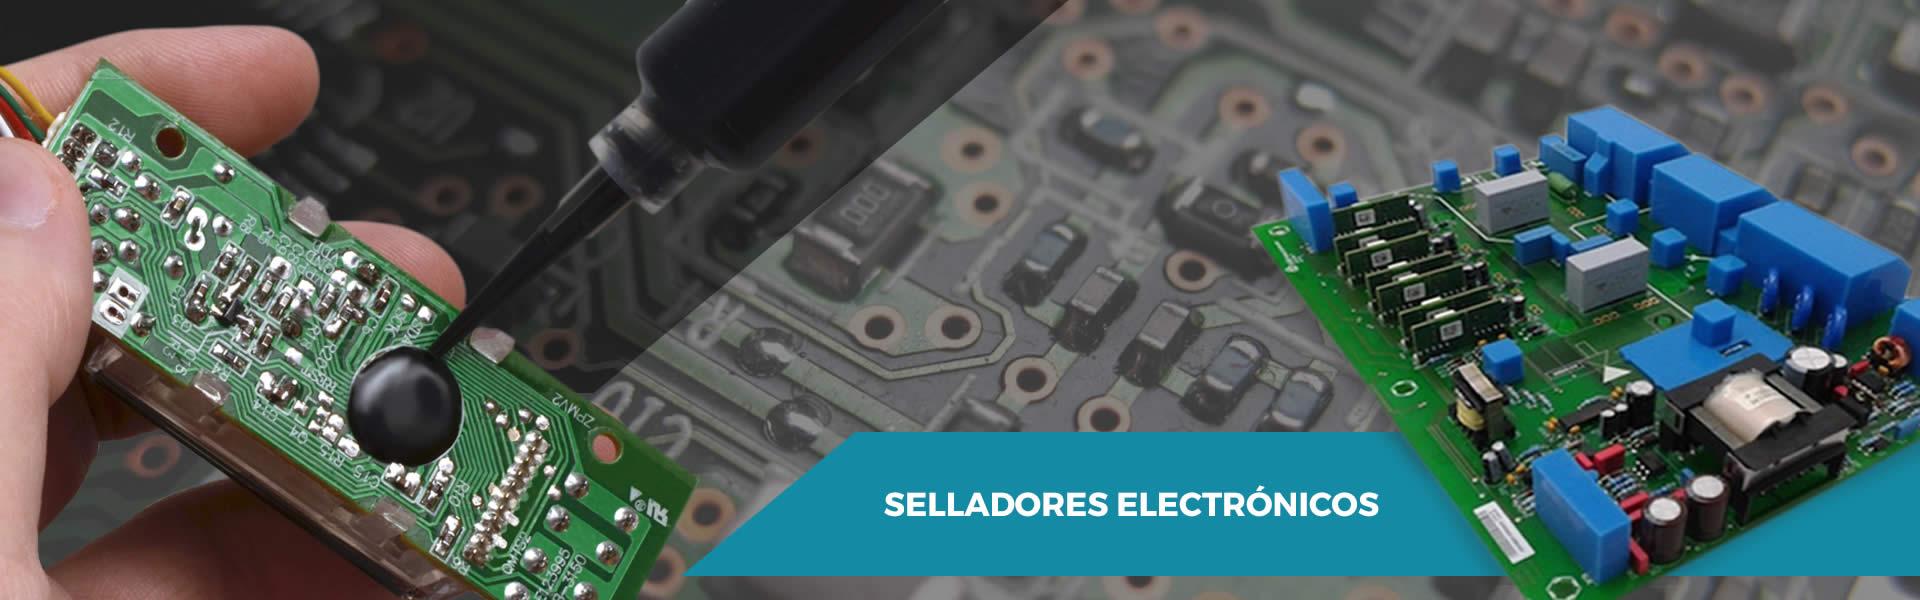 banner_electrico_contacto1